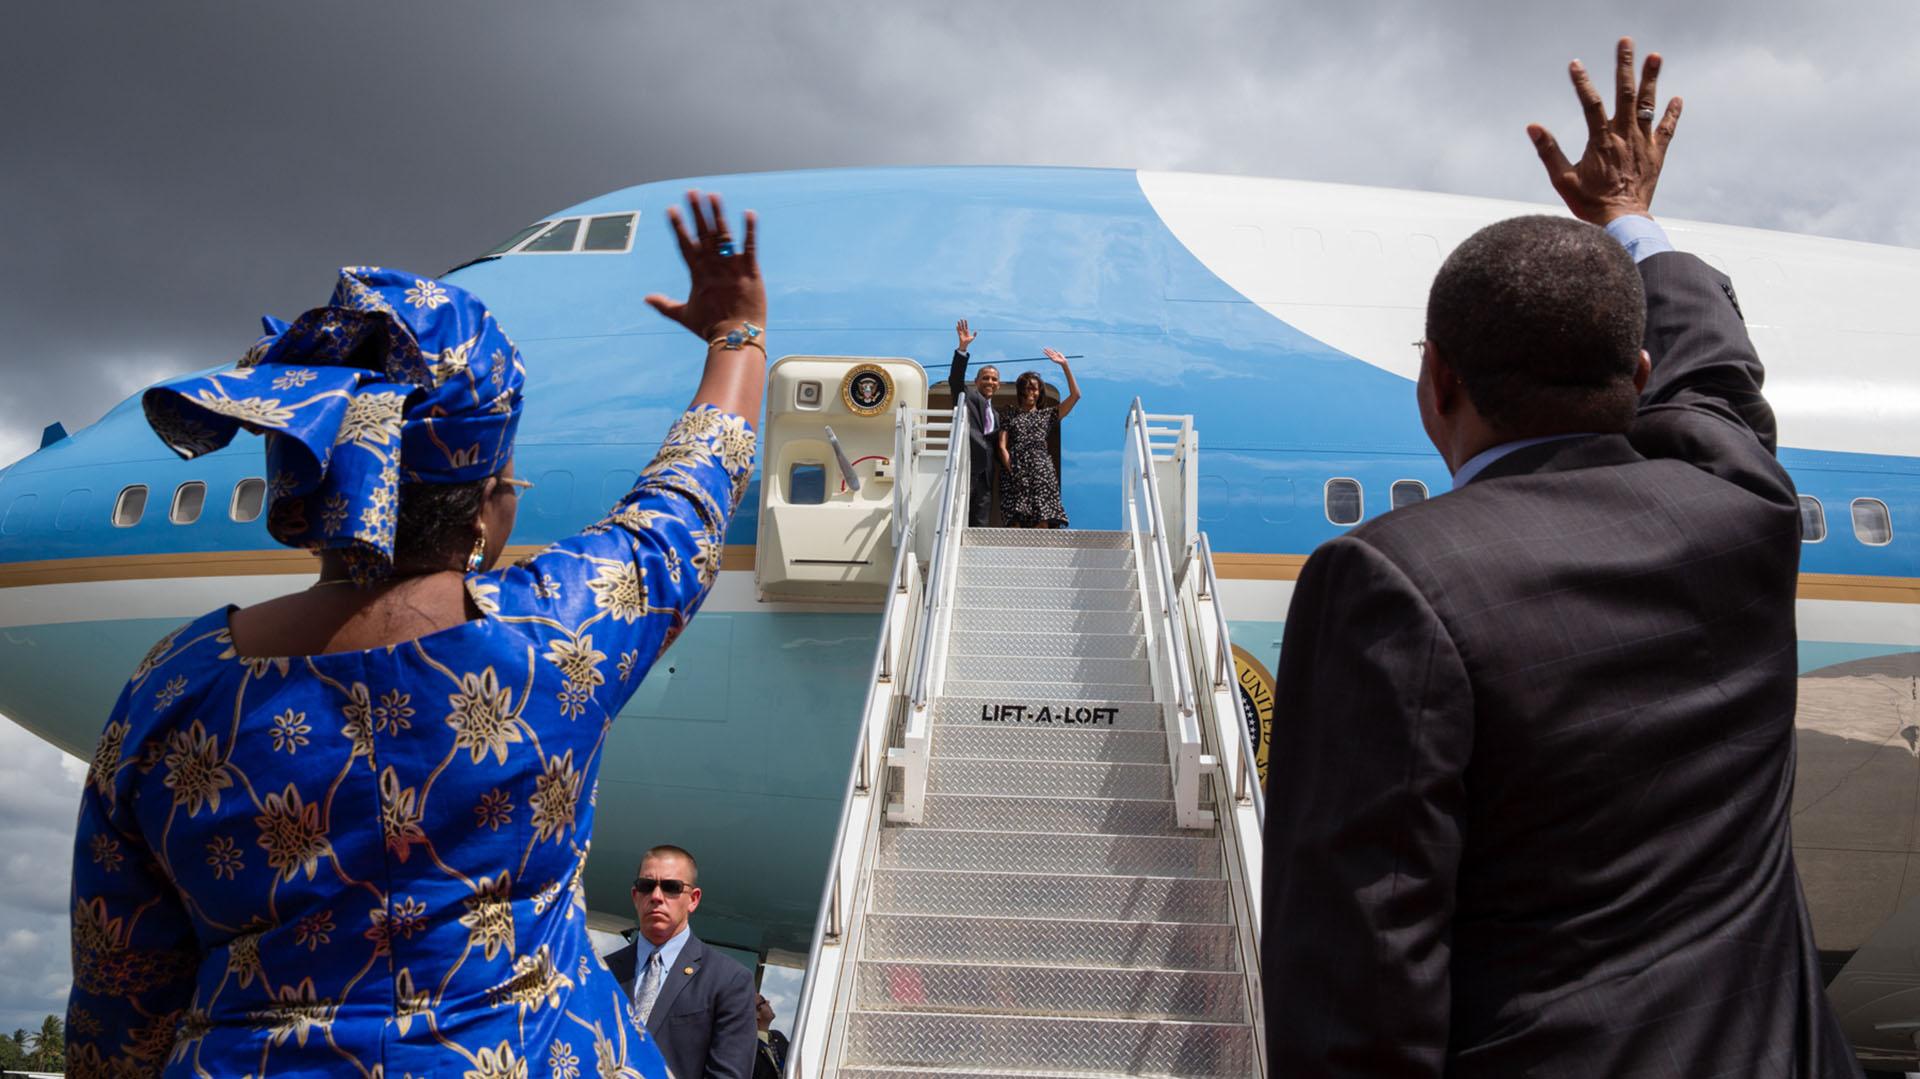 """El presidente Obama lanzó el programa """"Trade Africa"""" (Comercio con África) para impulsar los vínculos comerciales con África y dentro de África durante el viaje que realizó a tres países del continente en el verano de 2013. El presidente y la primera dama saludan al presidente Jakaya Kikwete de Tanzania y a su primera dama, Salma Kikwete, desde el avión presidencial Air Force One antes de partir de Dar es Salam, Tanzania. El presidente también visitó Sudáfrica y Senegal."""